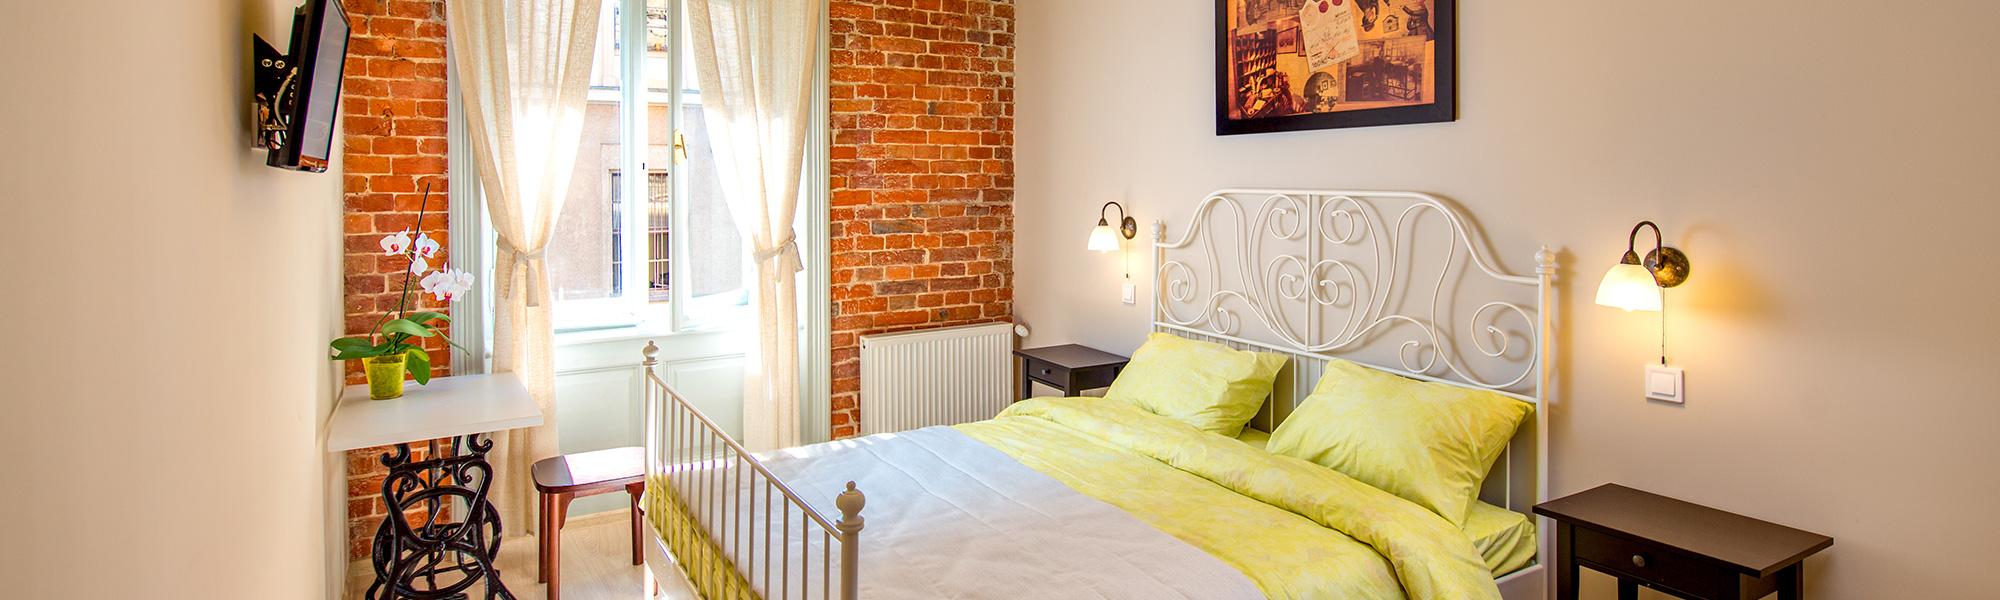 Номер на двоих с большой кроватью и ванной комнатой в Post House Rooms Львов